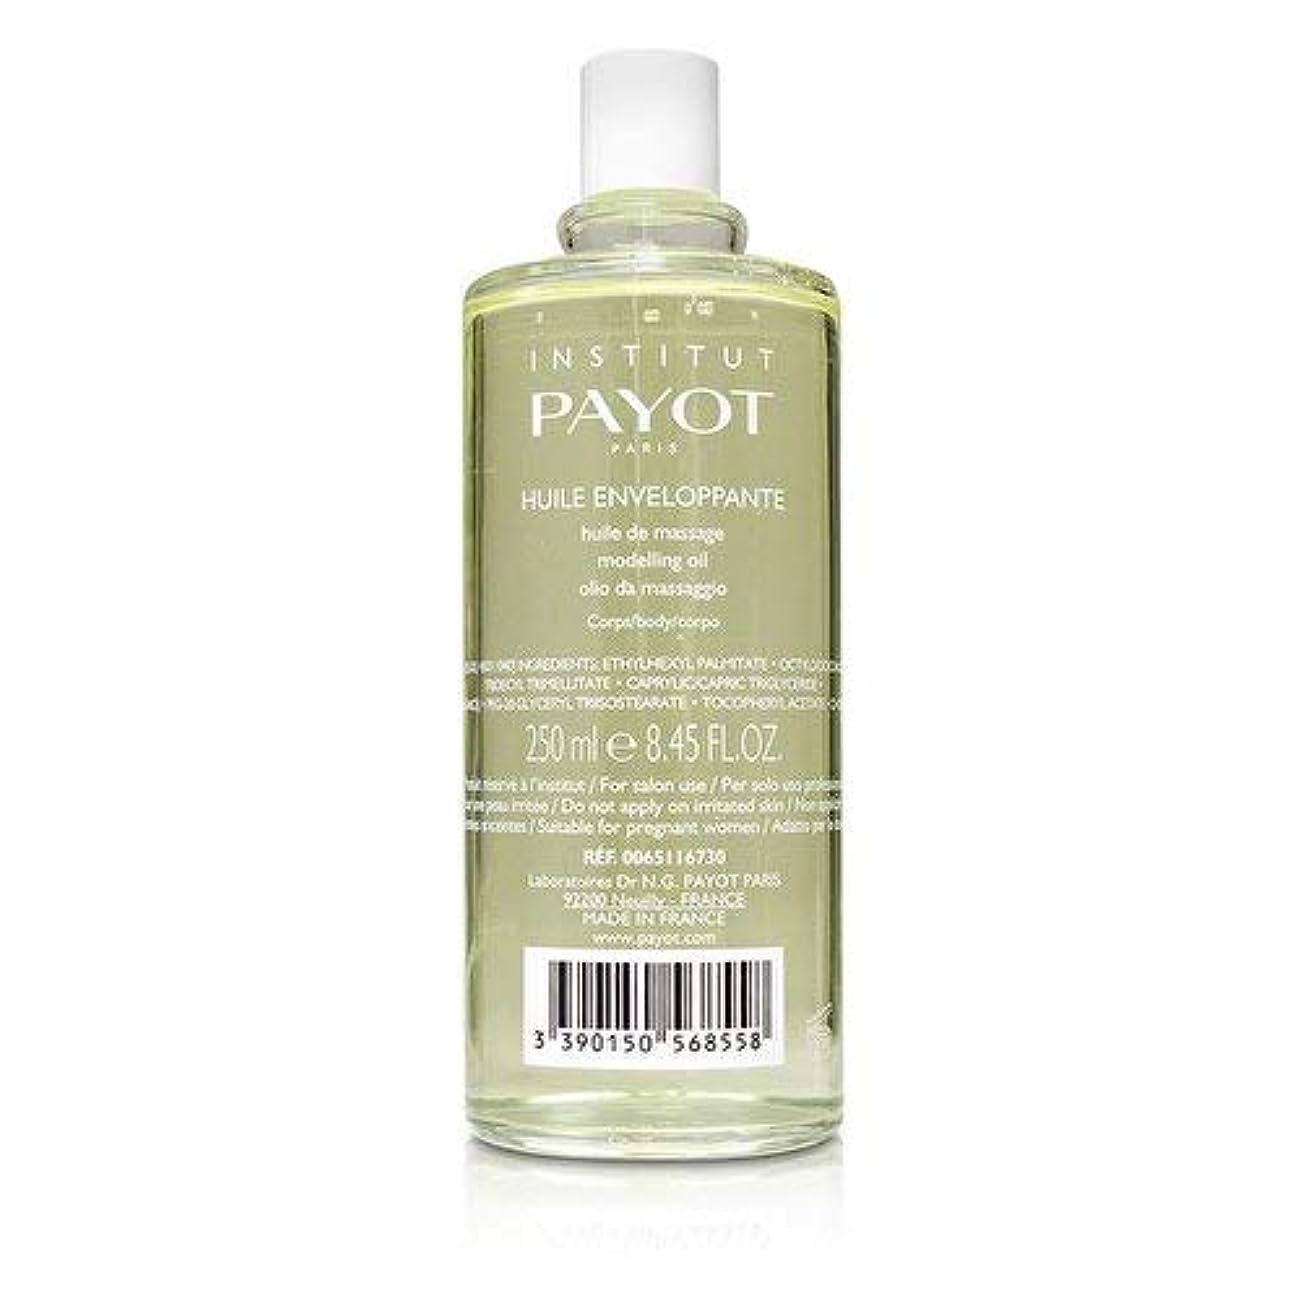 周波数生き物ストラトフォードオンエイボンパイヨ Huile Enveloppante - Body Massage Oil (Orange Blossom & Rose) (Salon Product) 250ml/8.4oz並行輸入品